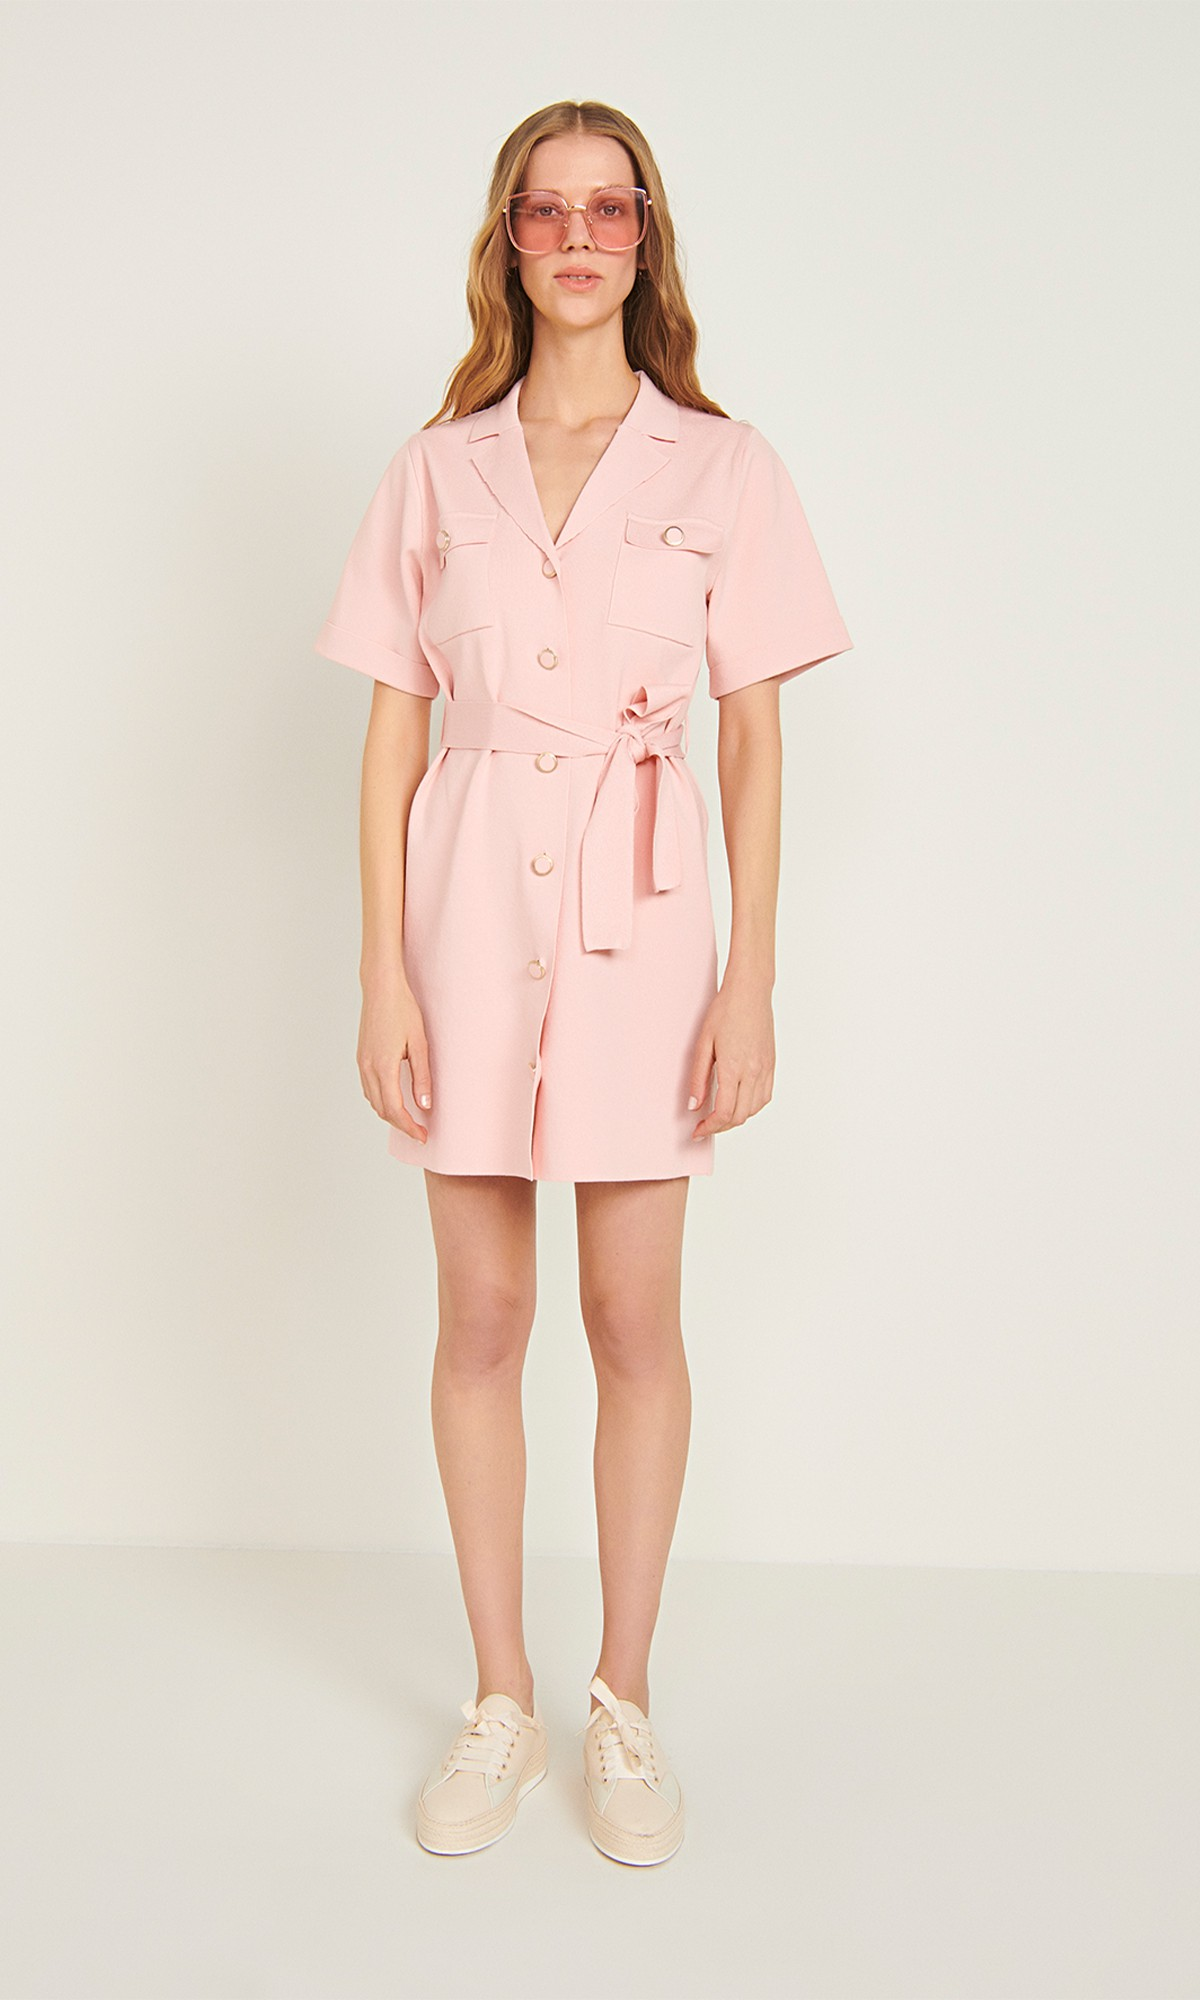 Sukienka dzianinowa wiązana mini, w kolorze różowym